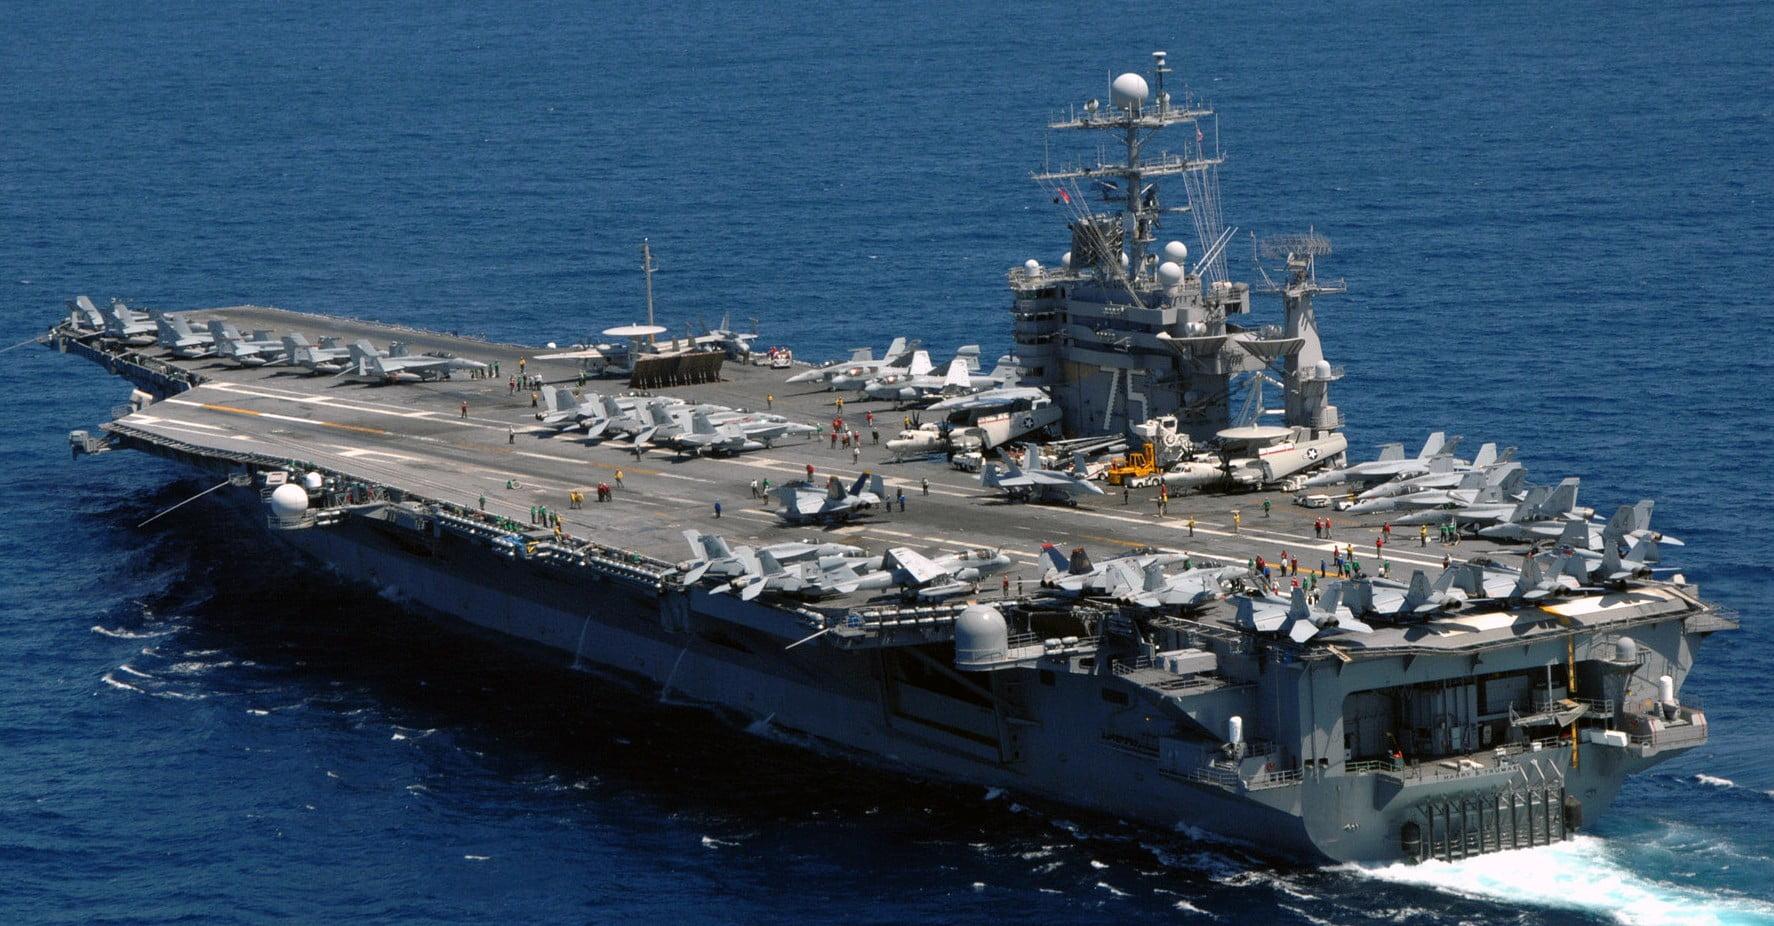 24 Πολεμικά Πλοία των ΗΠΑ θύματα του κορωνοϊού – Αλώβητο το αεροπλανοφόροHarry S. Truman